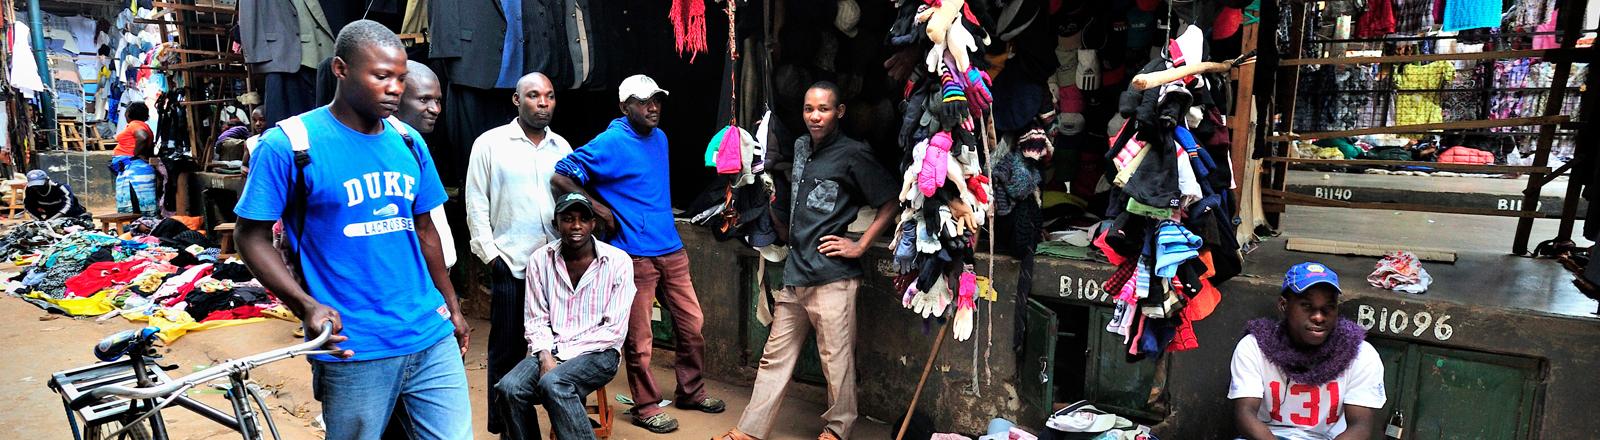 Als Owino Markt bekannt, ist der St. Balikuddembe Markt der größte Markt in Ostafrika. Über 7.000 Verkäufer bieten hier Alltagsgegenstände an. Der größte Teil sind Second-Hand-Klamotten.